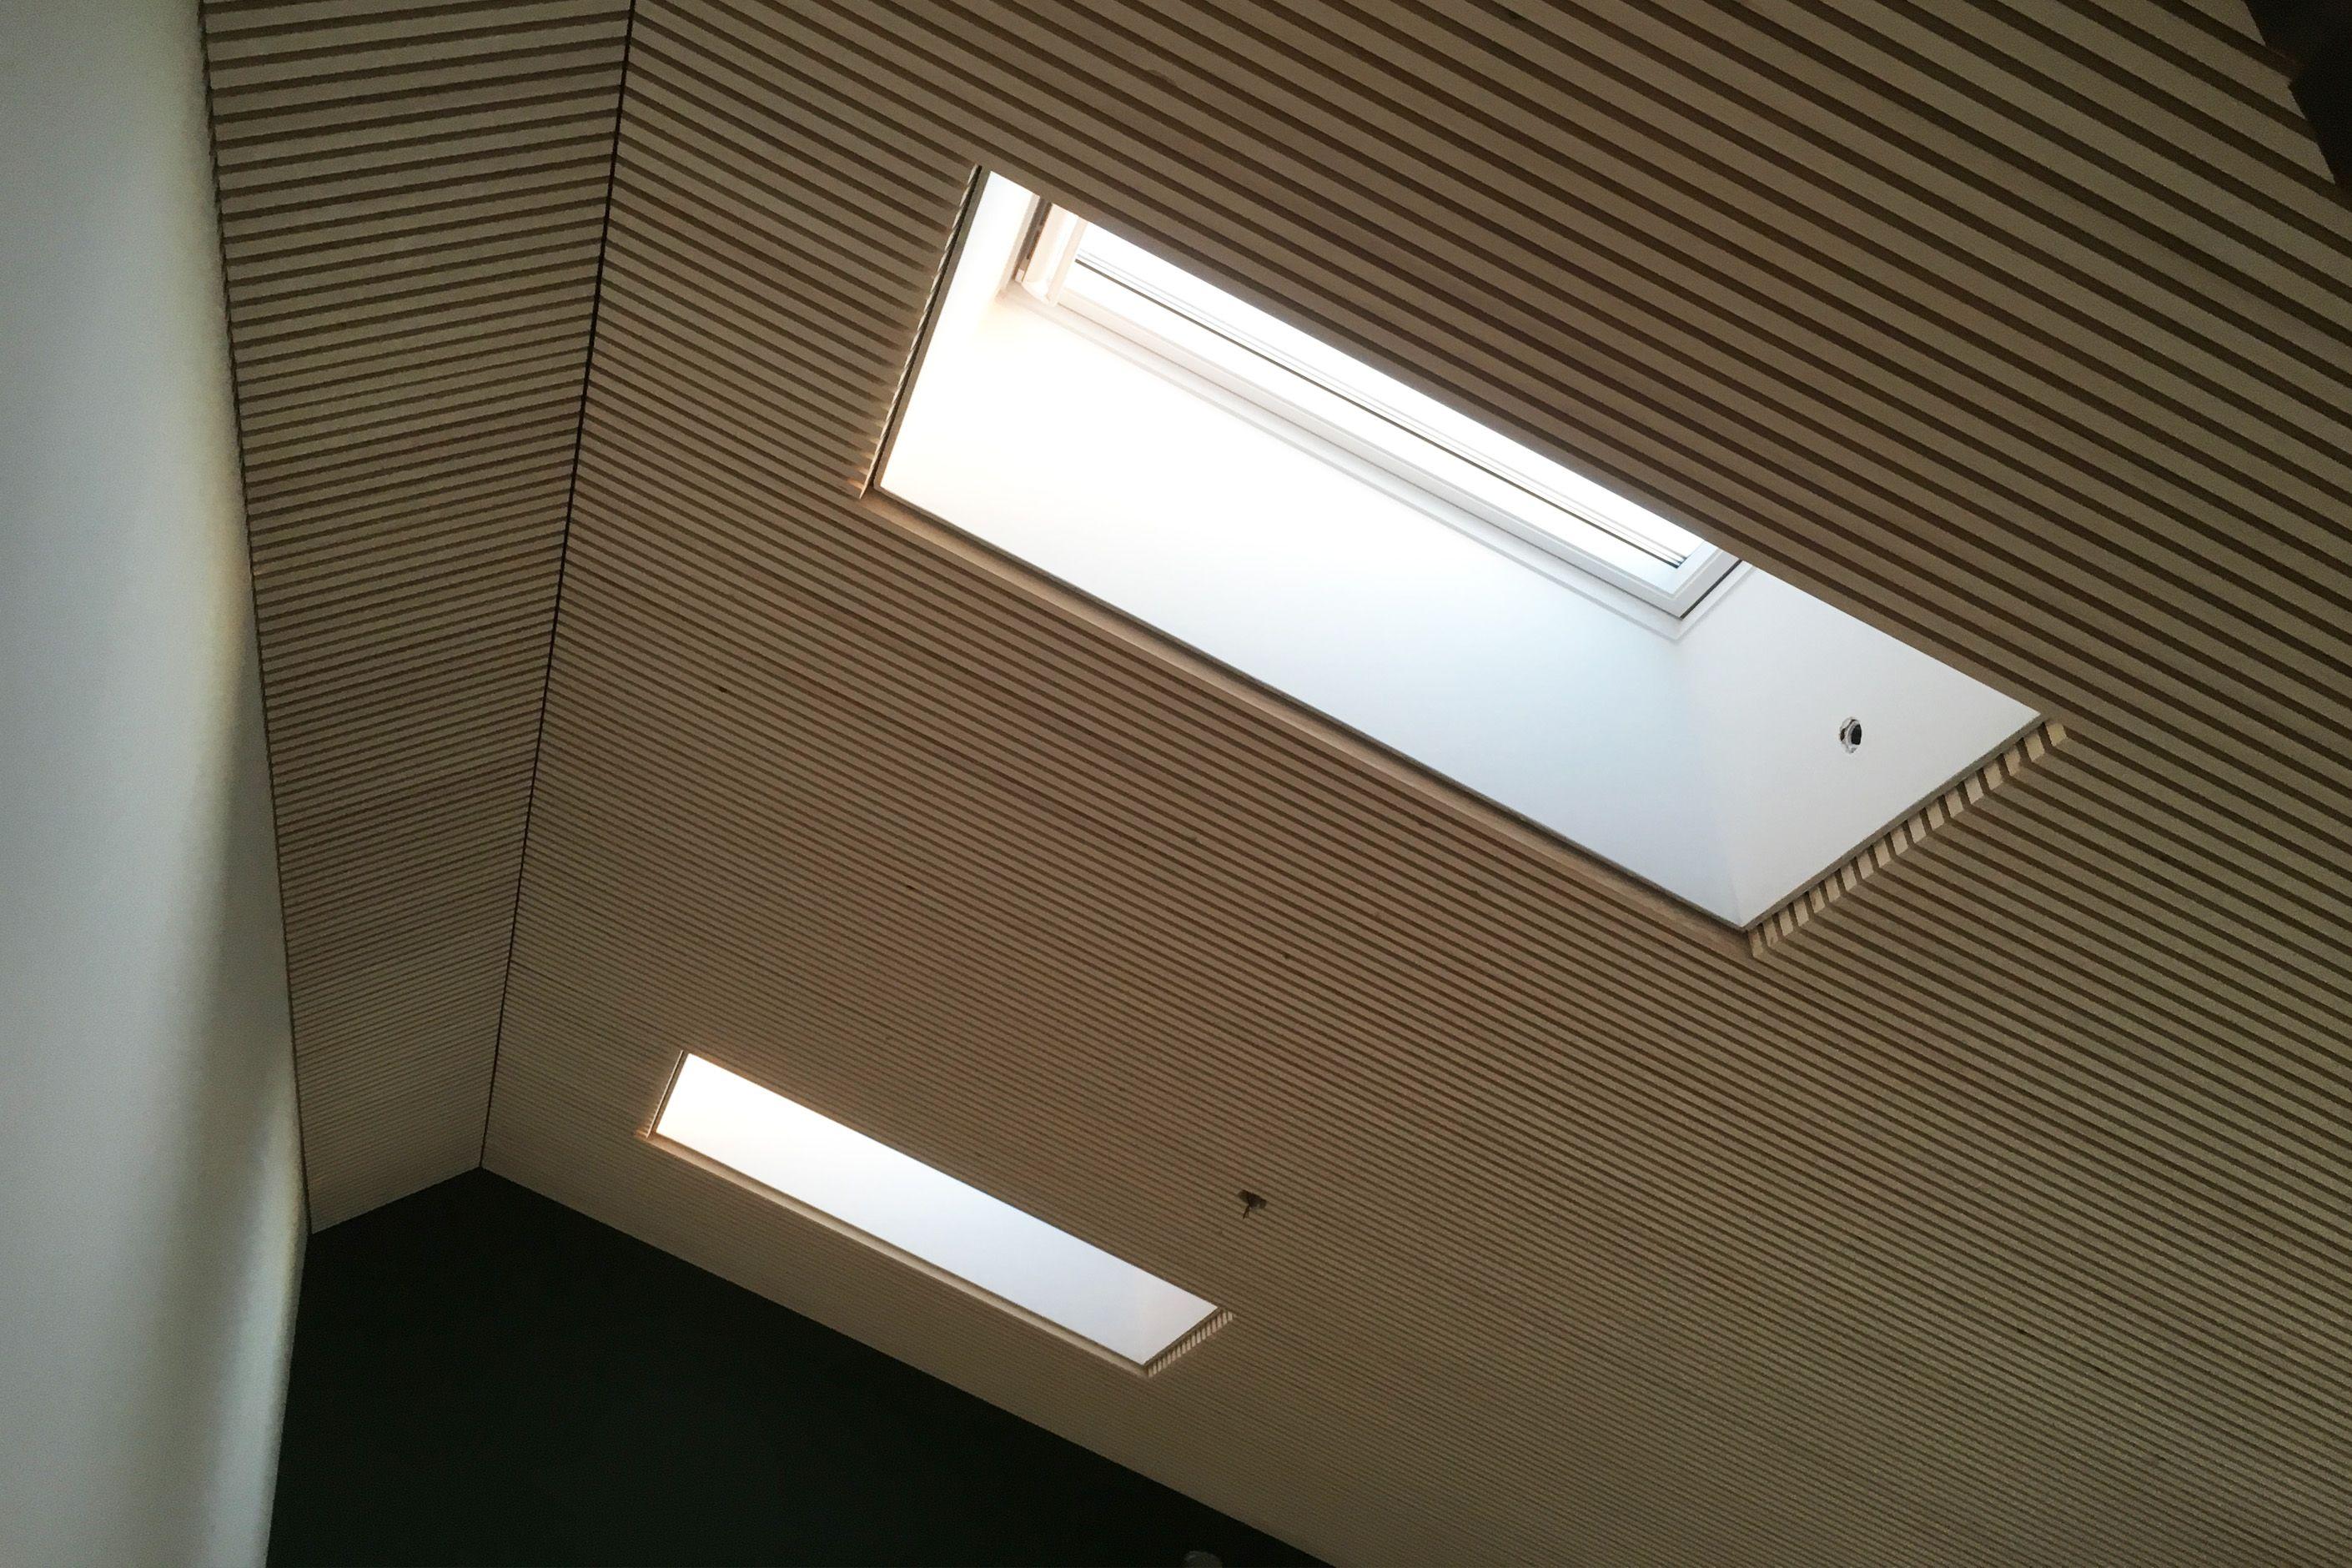 Fantastisk listeloft.nu / akustik lofter i træ lister | listeloft.nu HB22